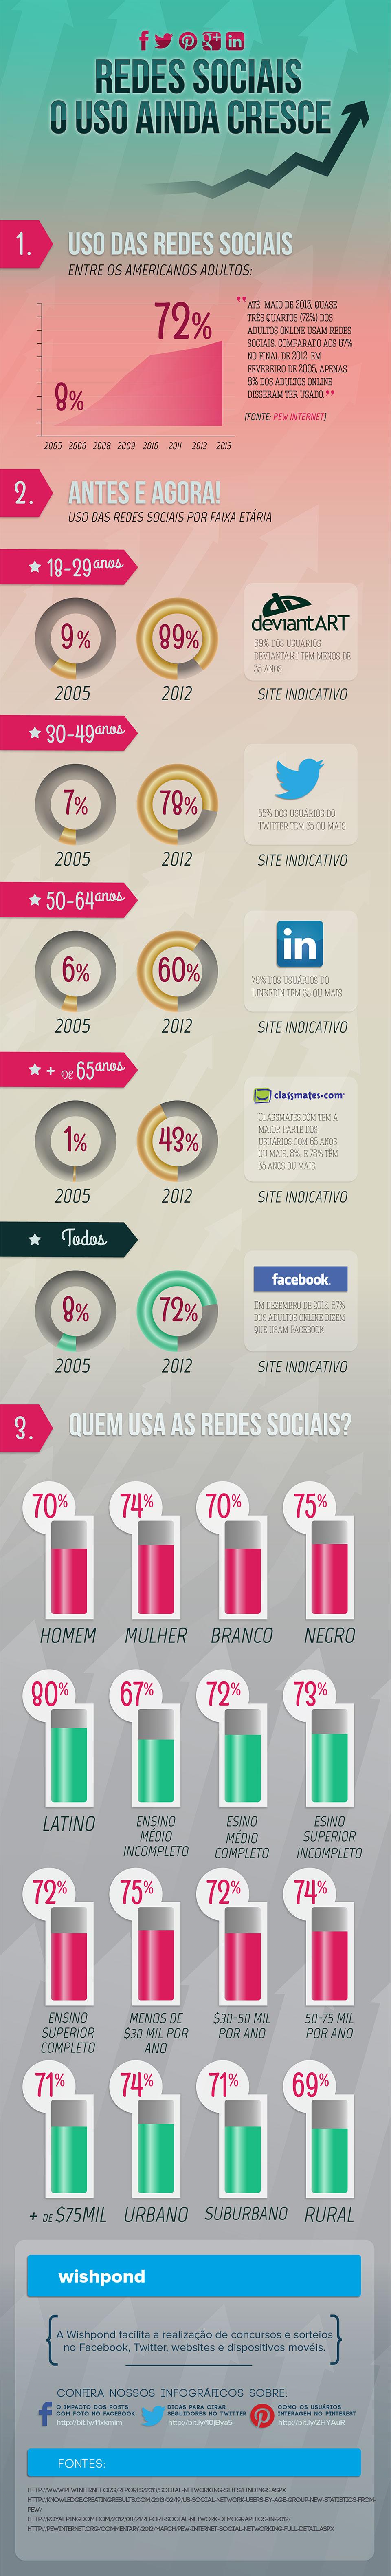 Redes sociais: o uso ainda cresce [infográfico]